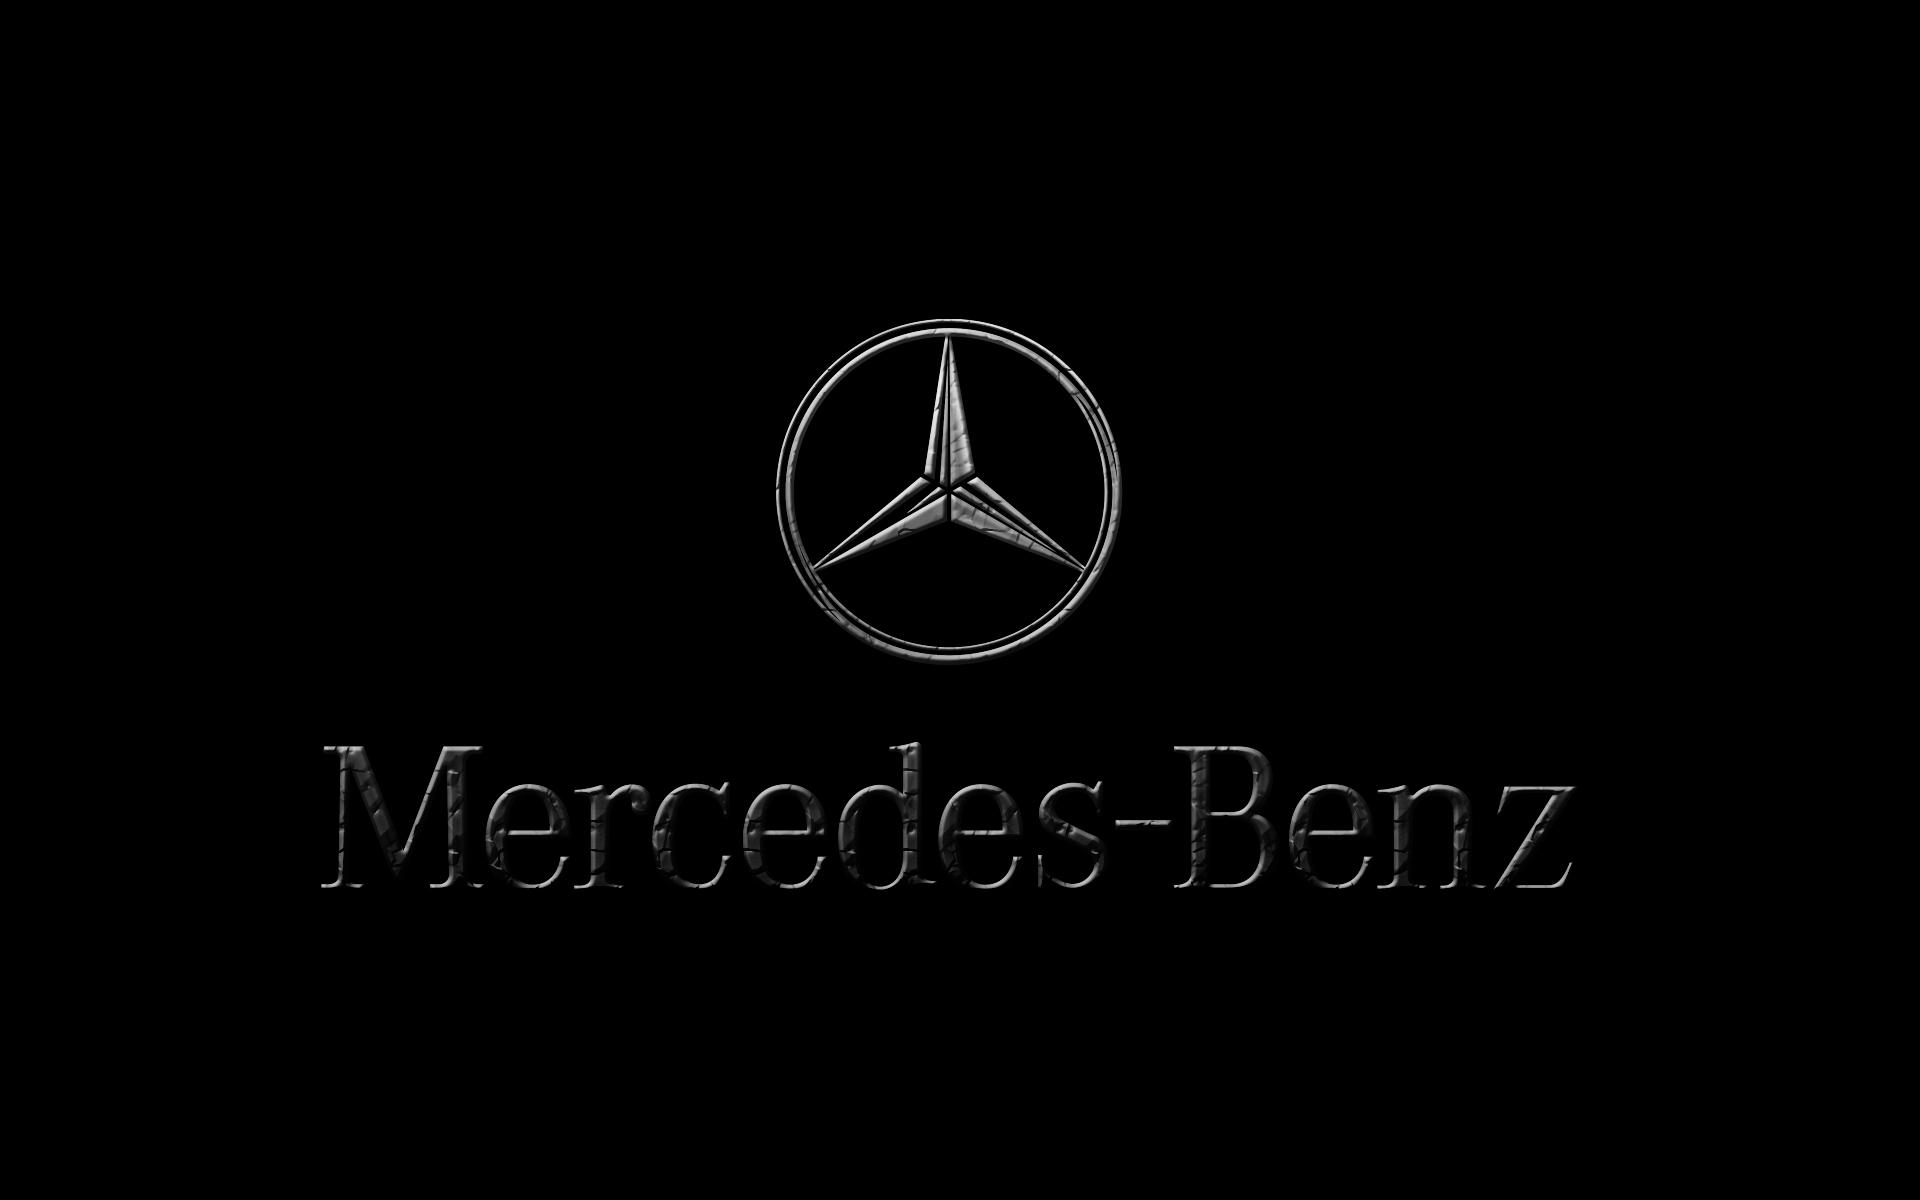 50 Mercedes Benz Wallpapers For Desktop On Wallpapersafari